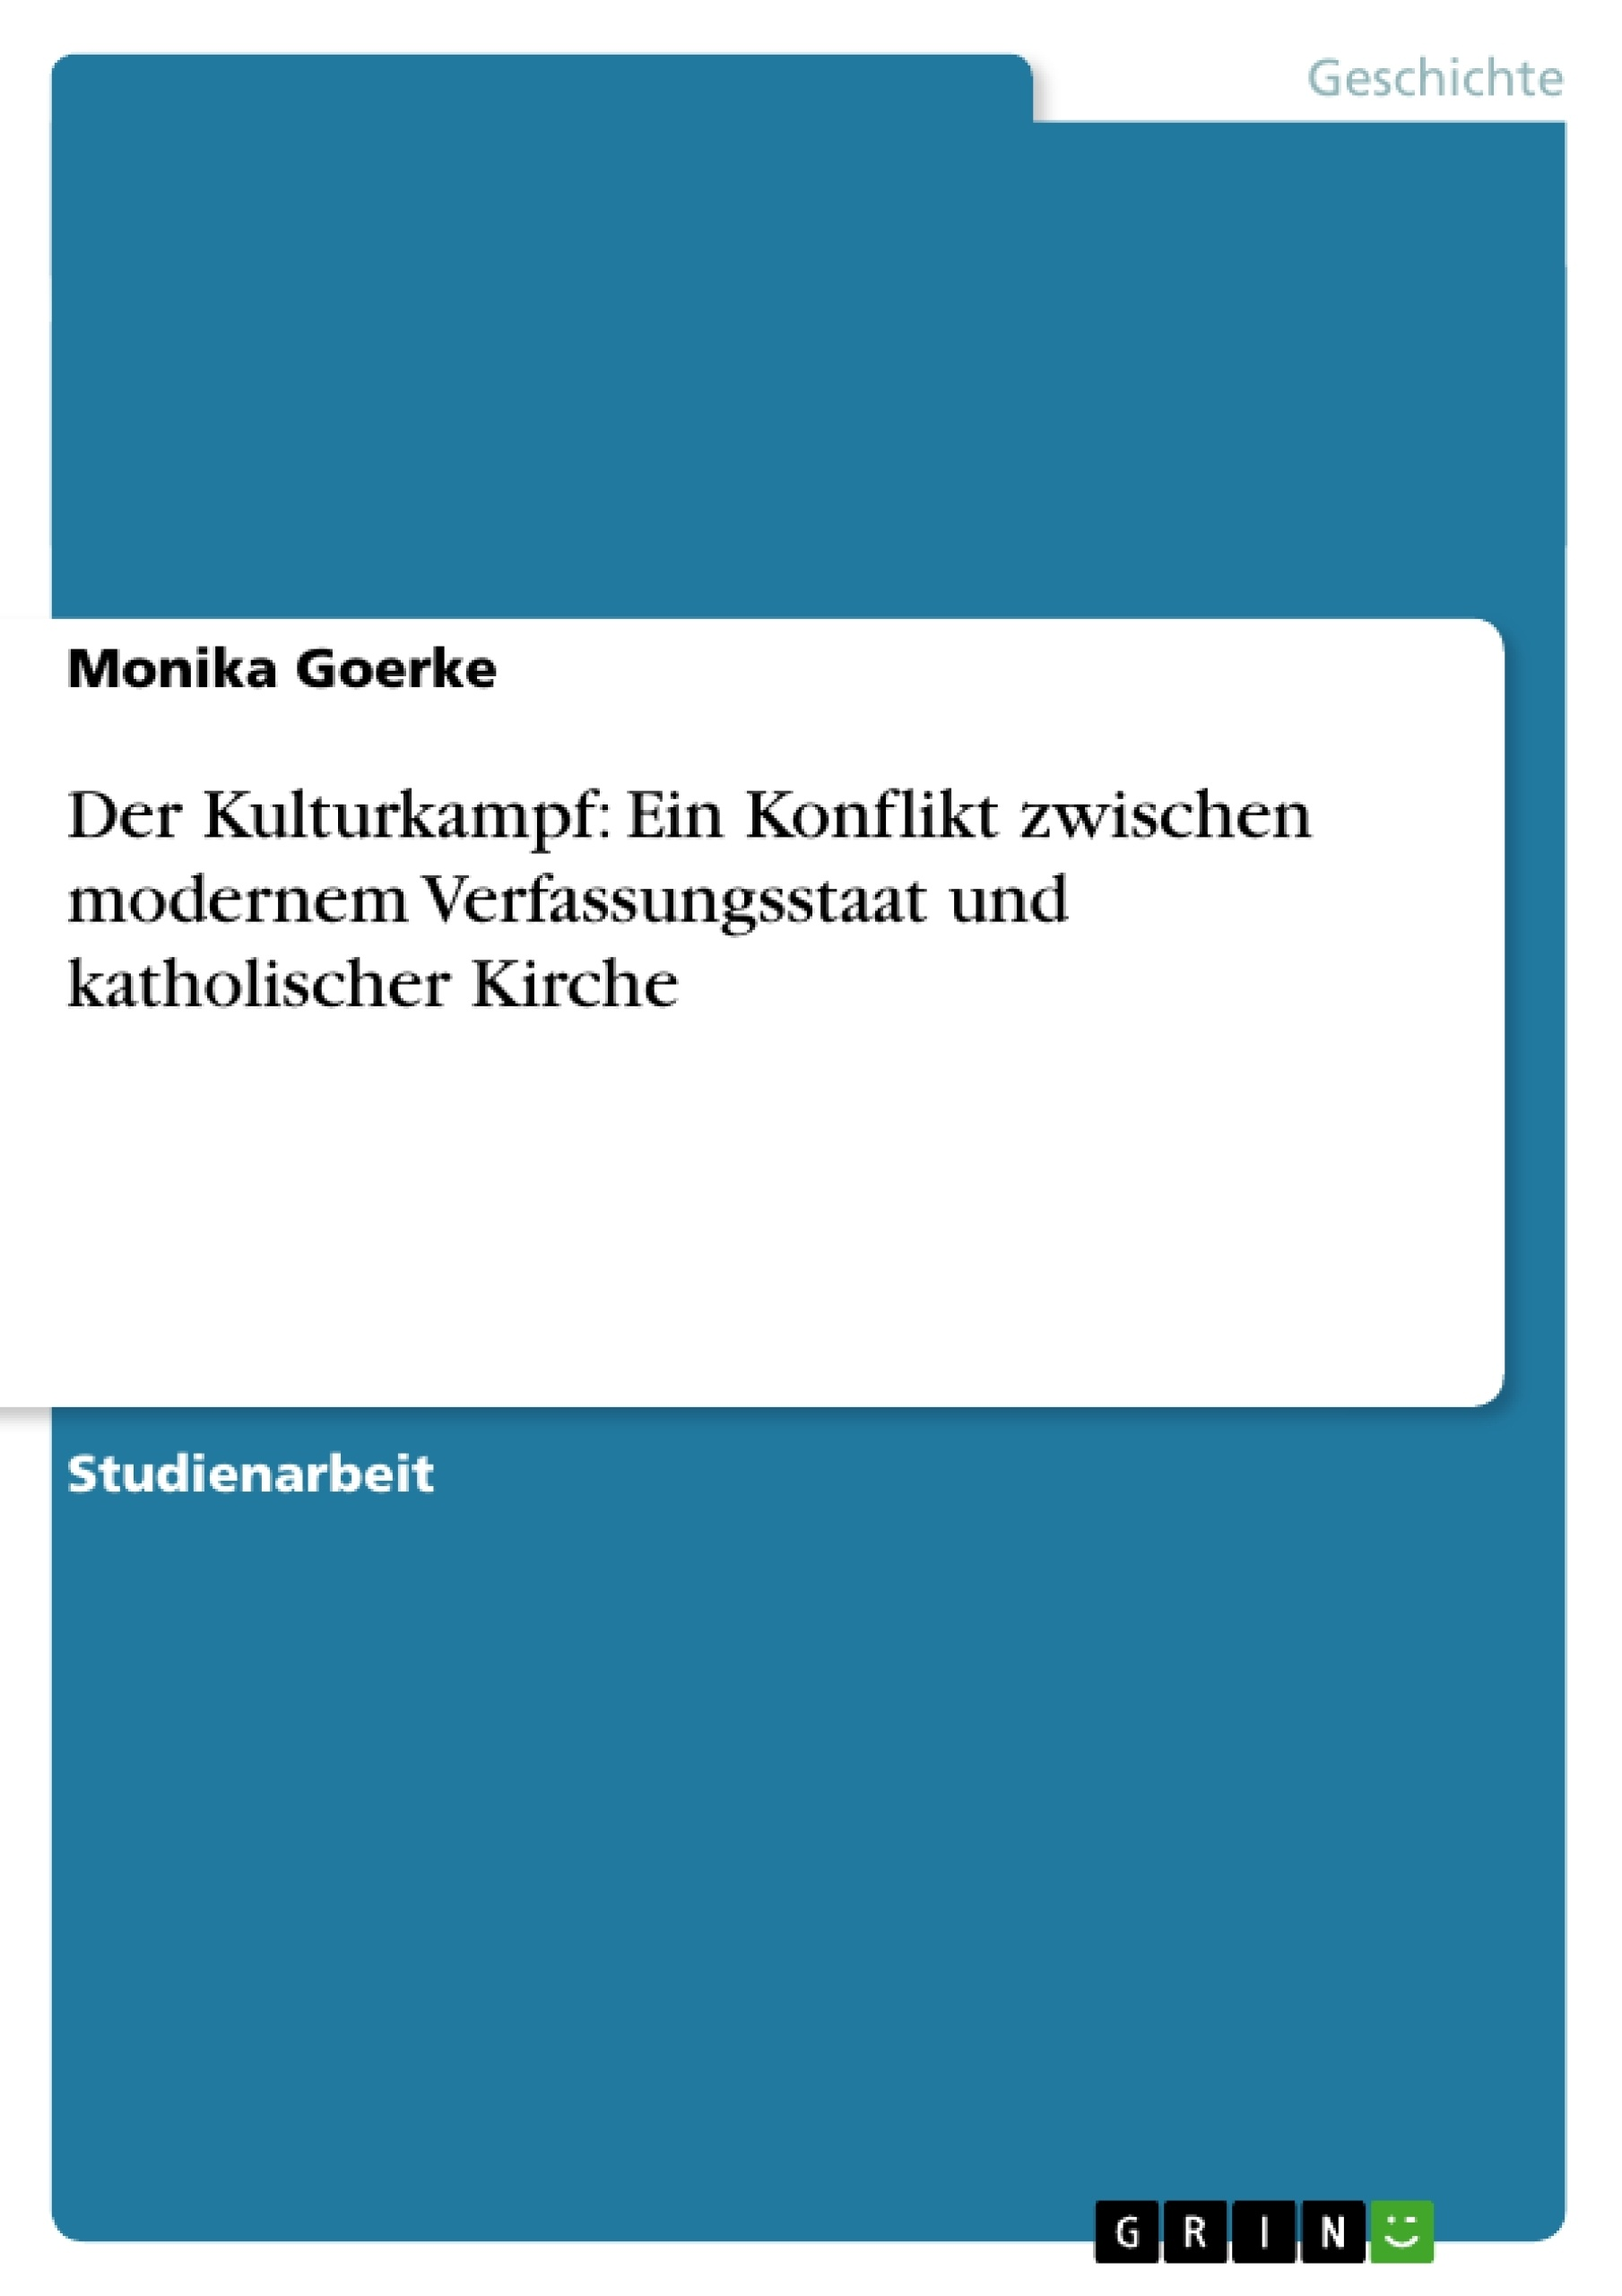 Titel: Der Kulturkampf: Ein Konflikt zwischen modernem Verfassungsstaat und katholischer Kirche